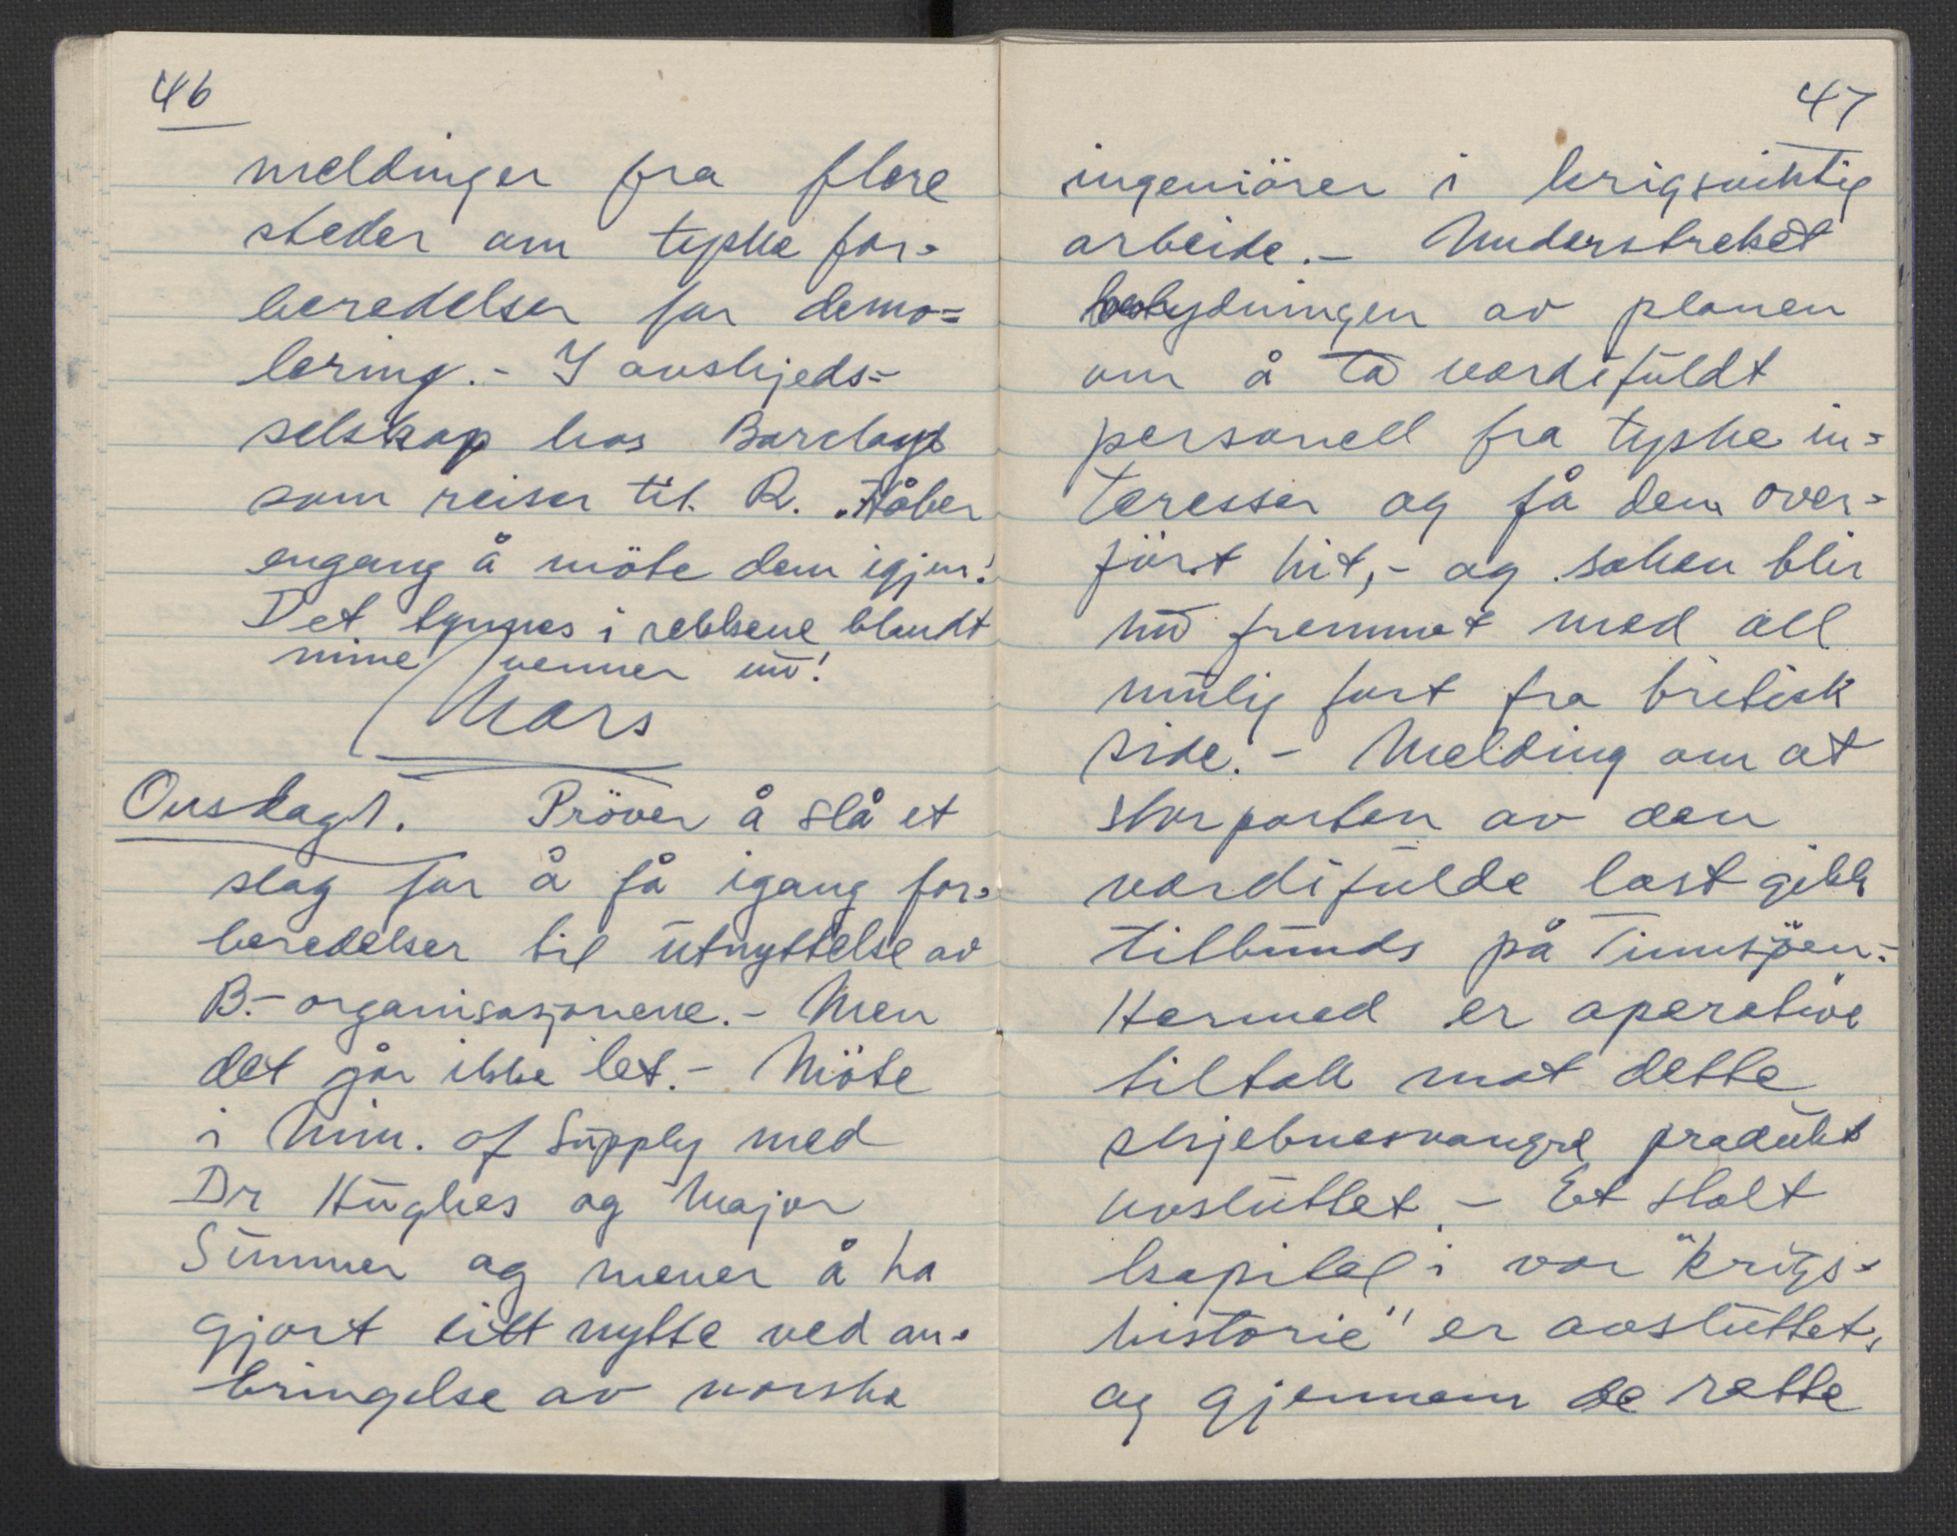 RA, Tronstad, Leif, F/L0001: Dagbøker, 1941-1945, s. 644